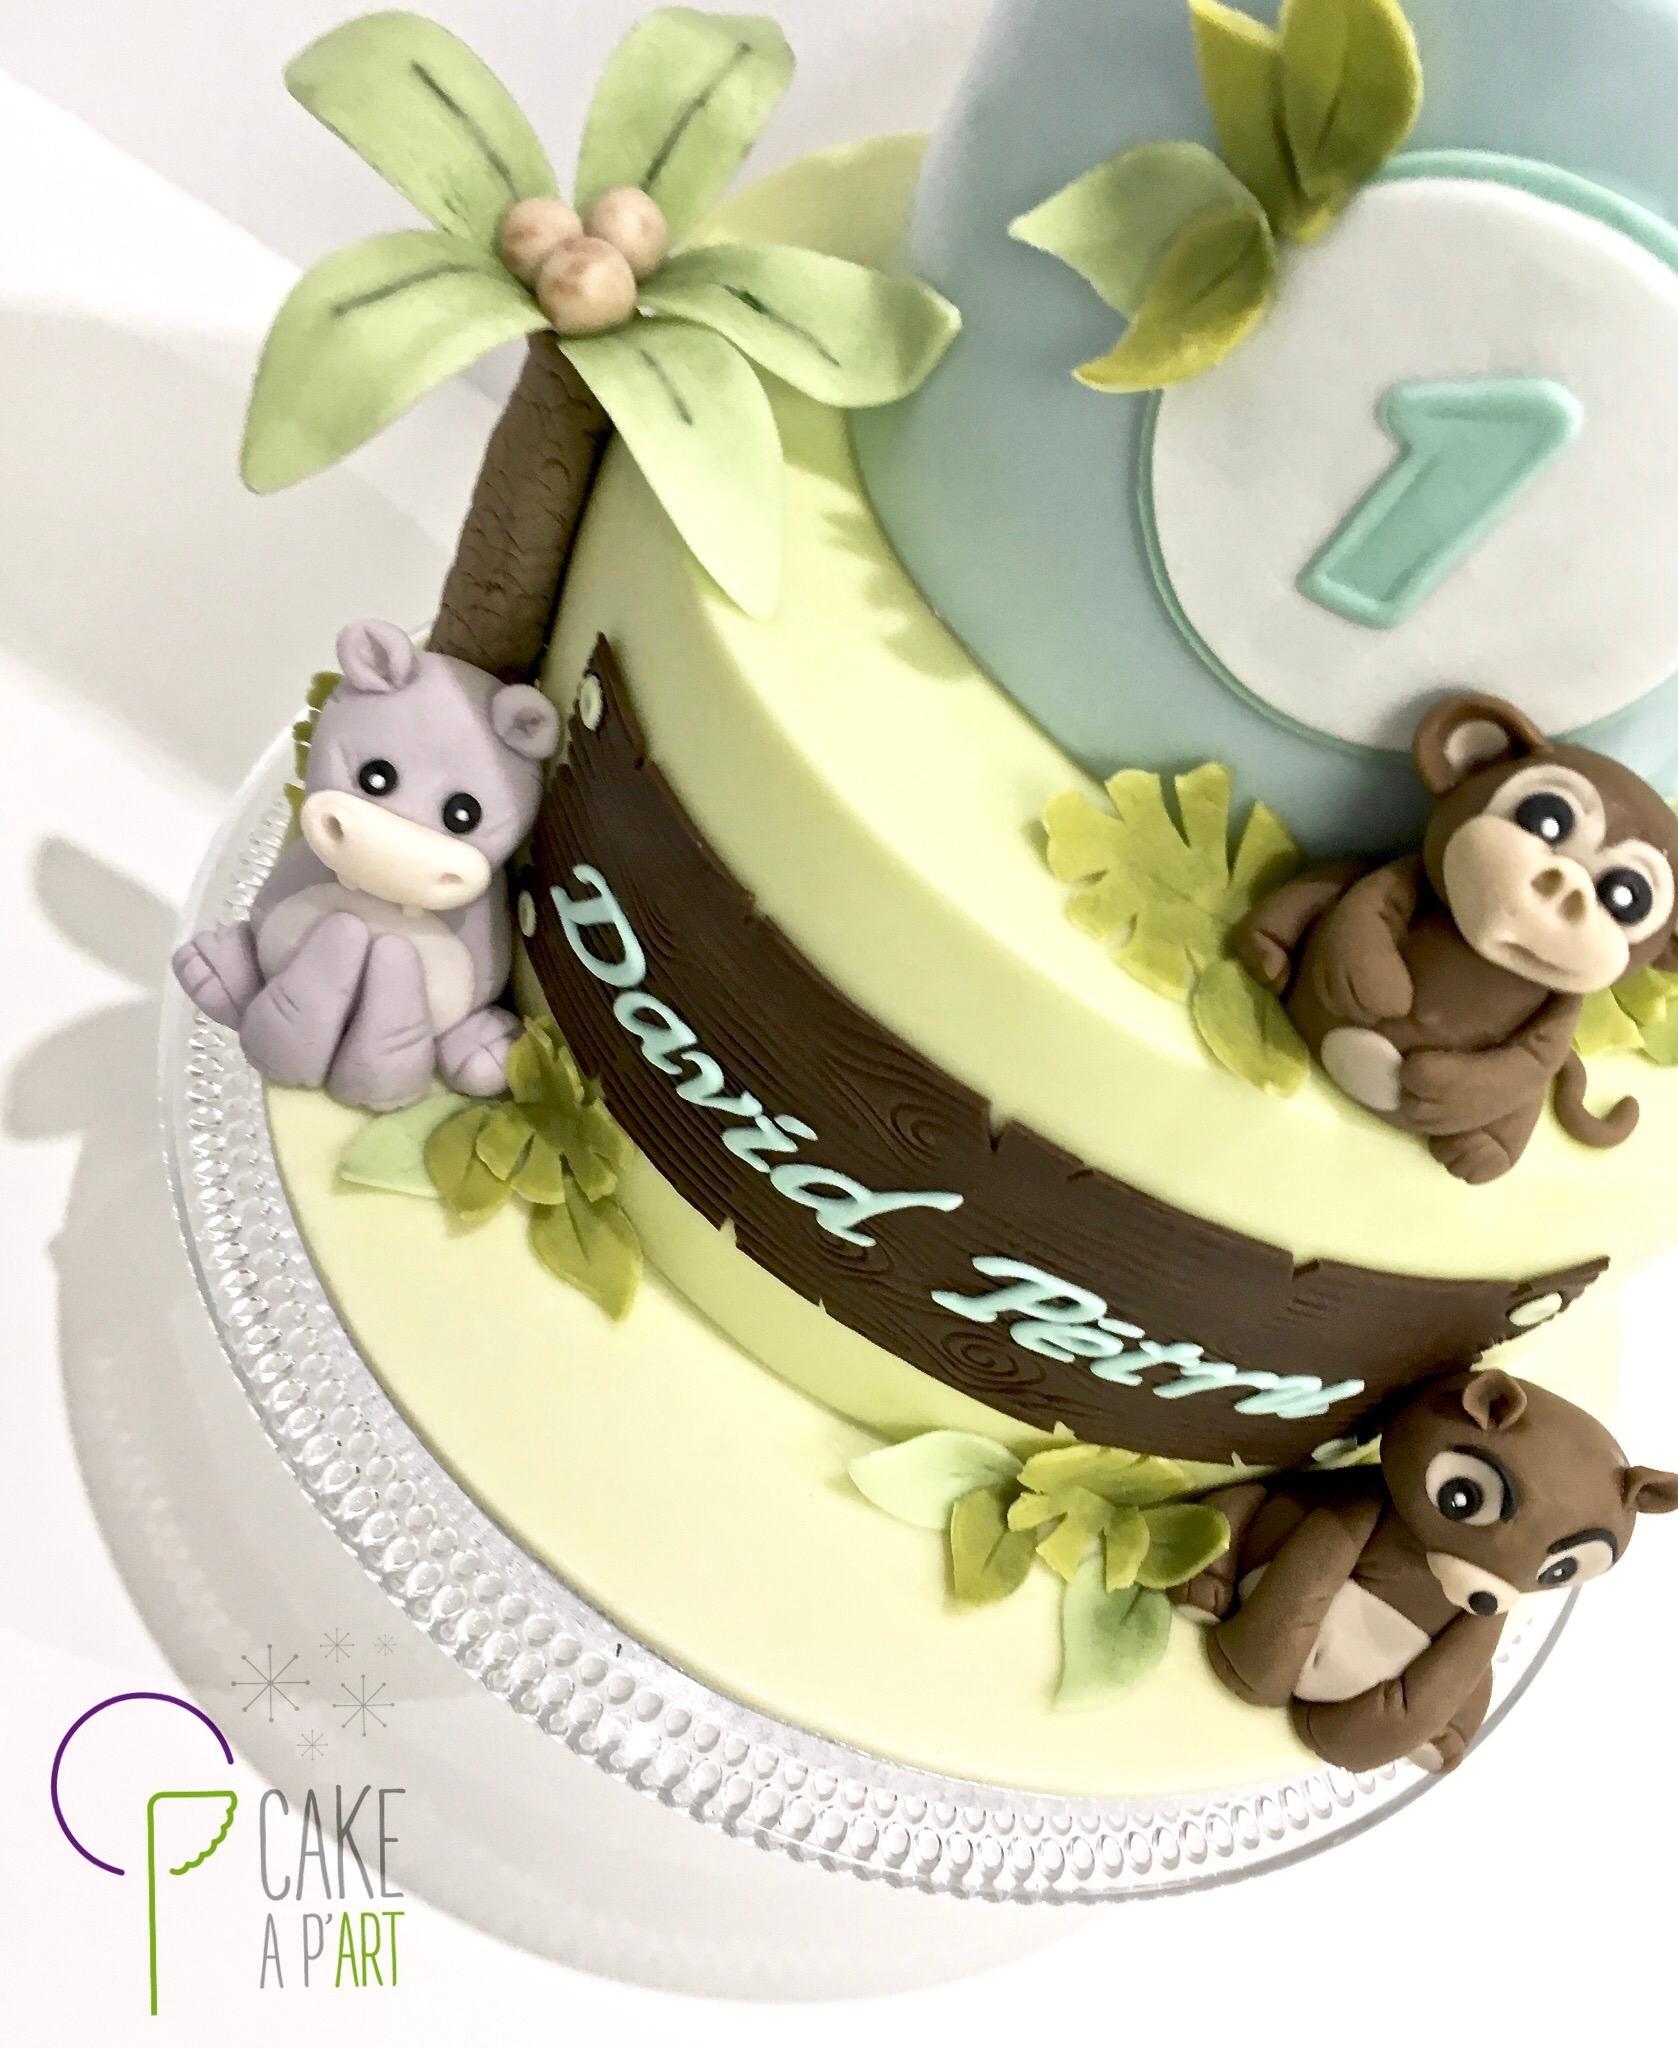 Décor modelage en sucre gâteaux personnalisés - Anniversaire Thème Jungle animaux